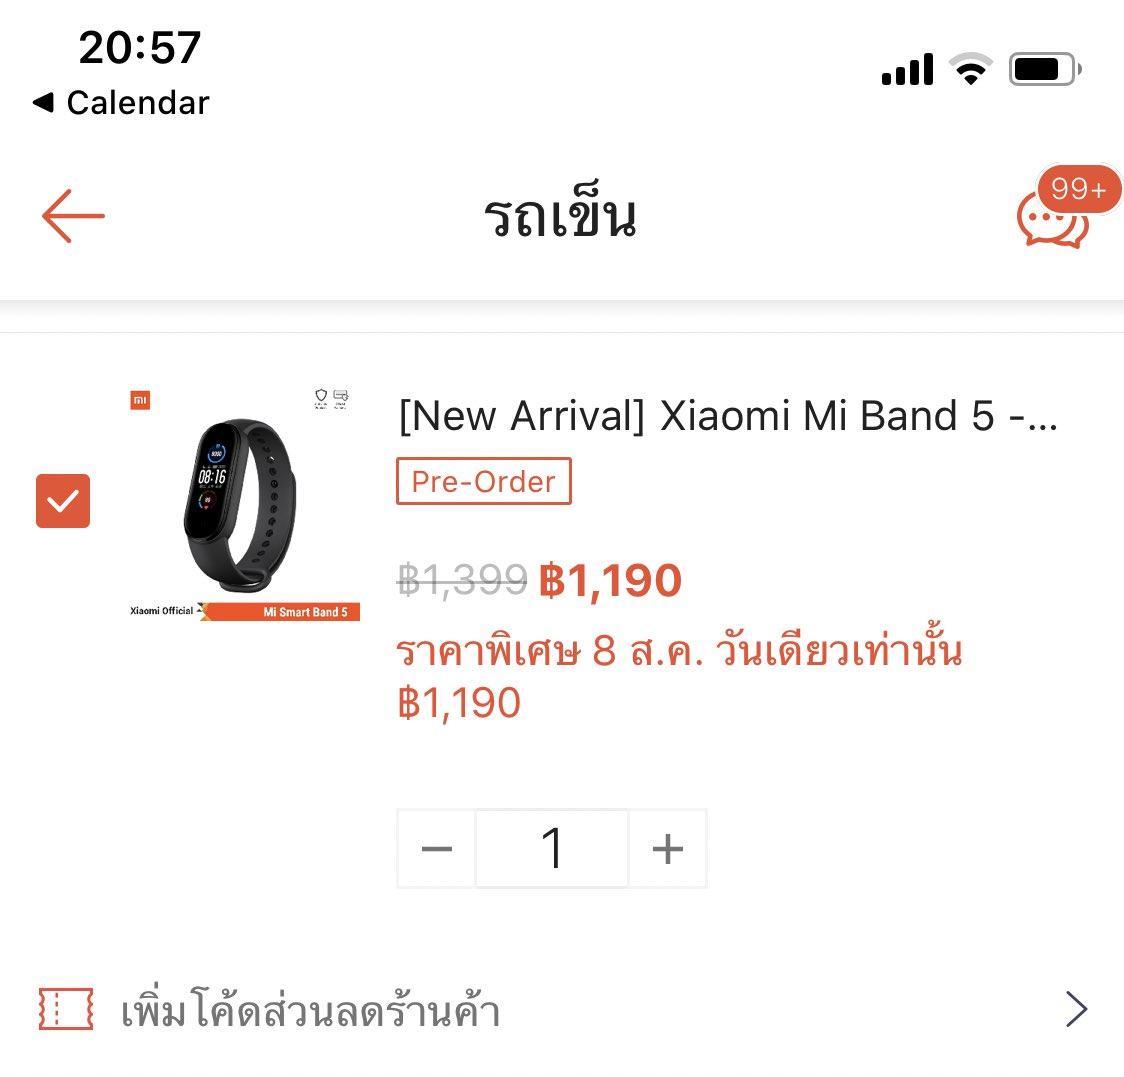 ตลกดี Miband 5 ของร้าน Xiaomi ขึ้น Flashsale แต่ราคาเท่ากับก่อน Flashsale   หลอกลวงนี่หว่า!!!! pic.twitter.com/RN3SEXfIAR